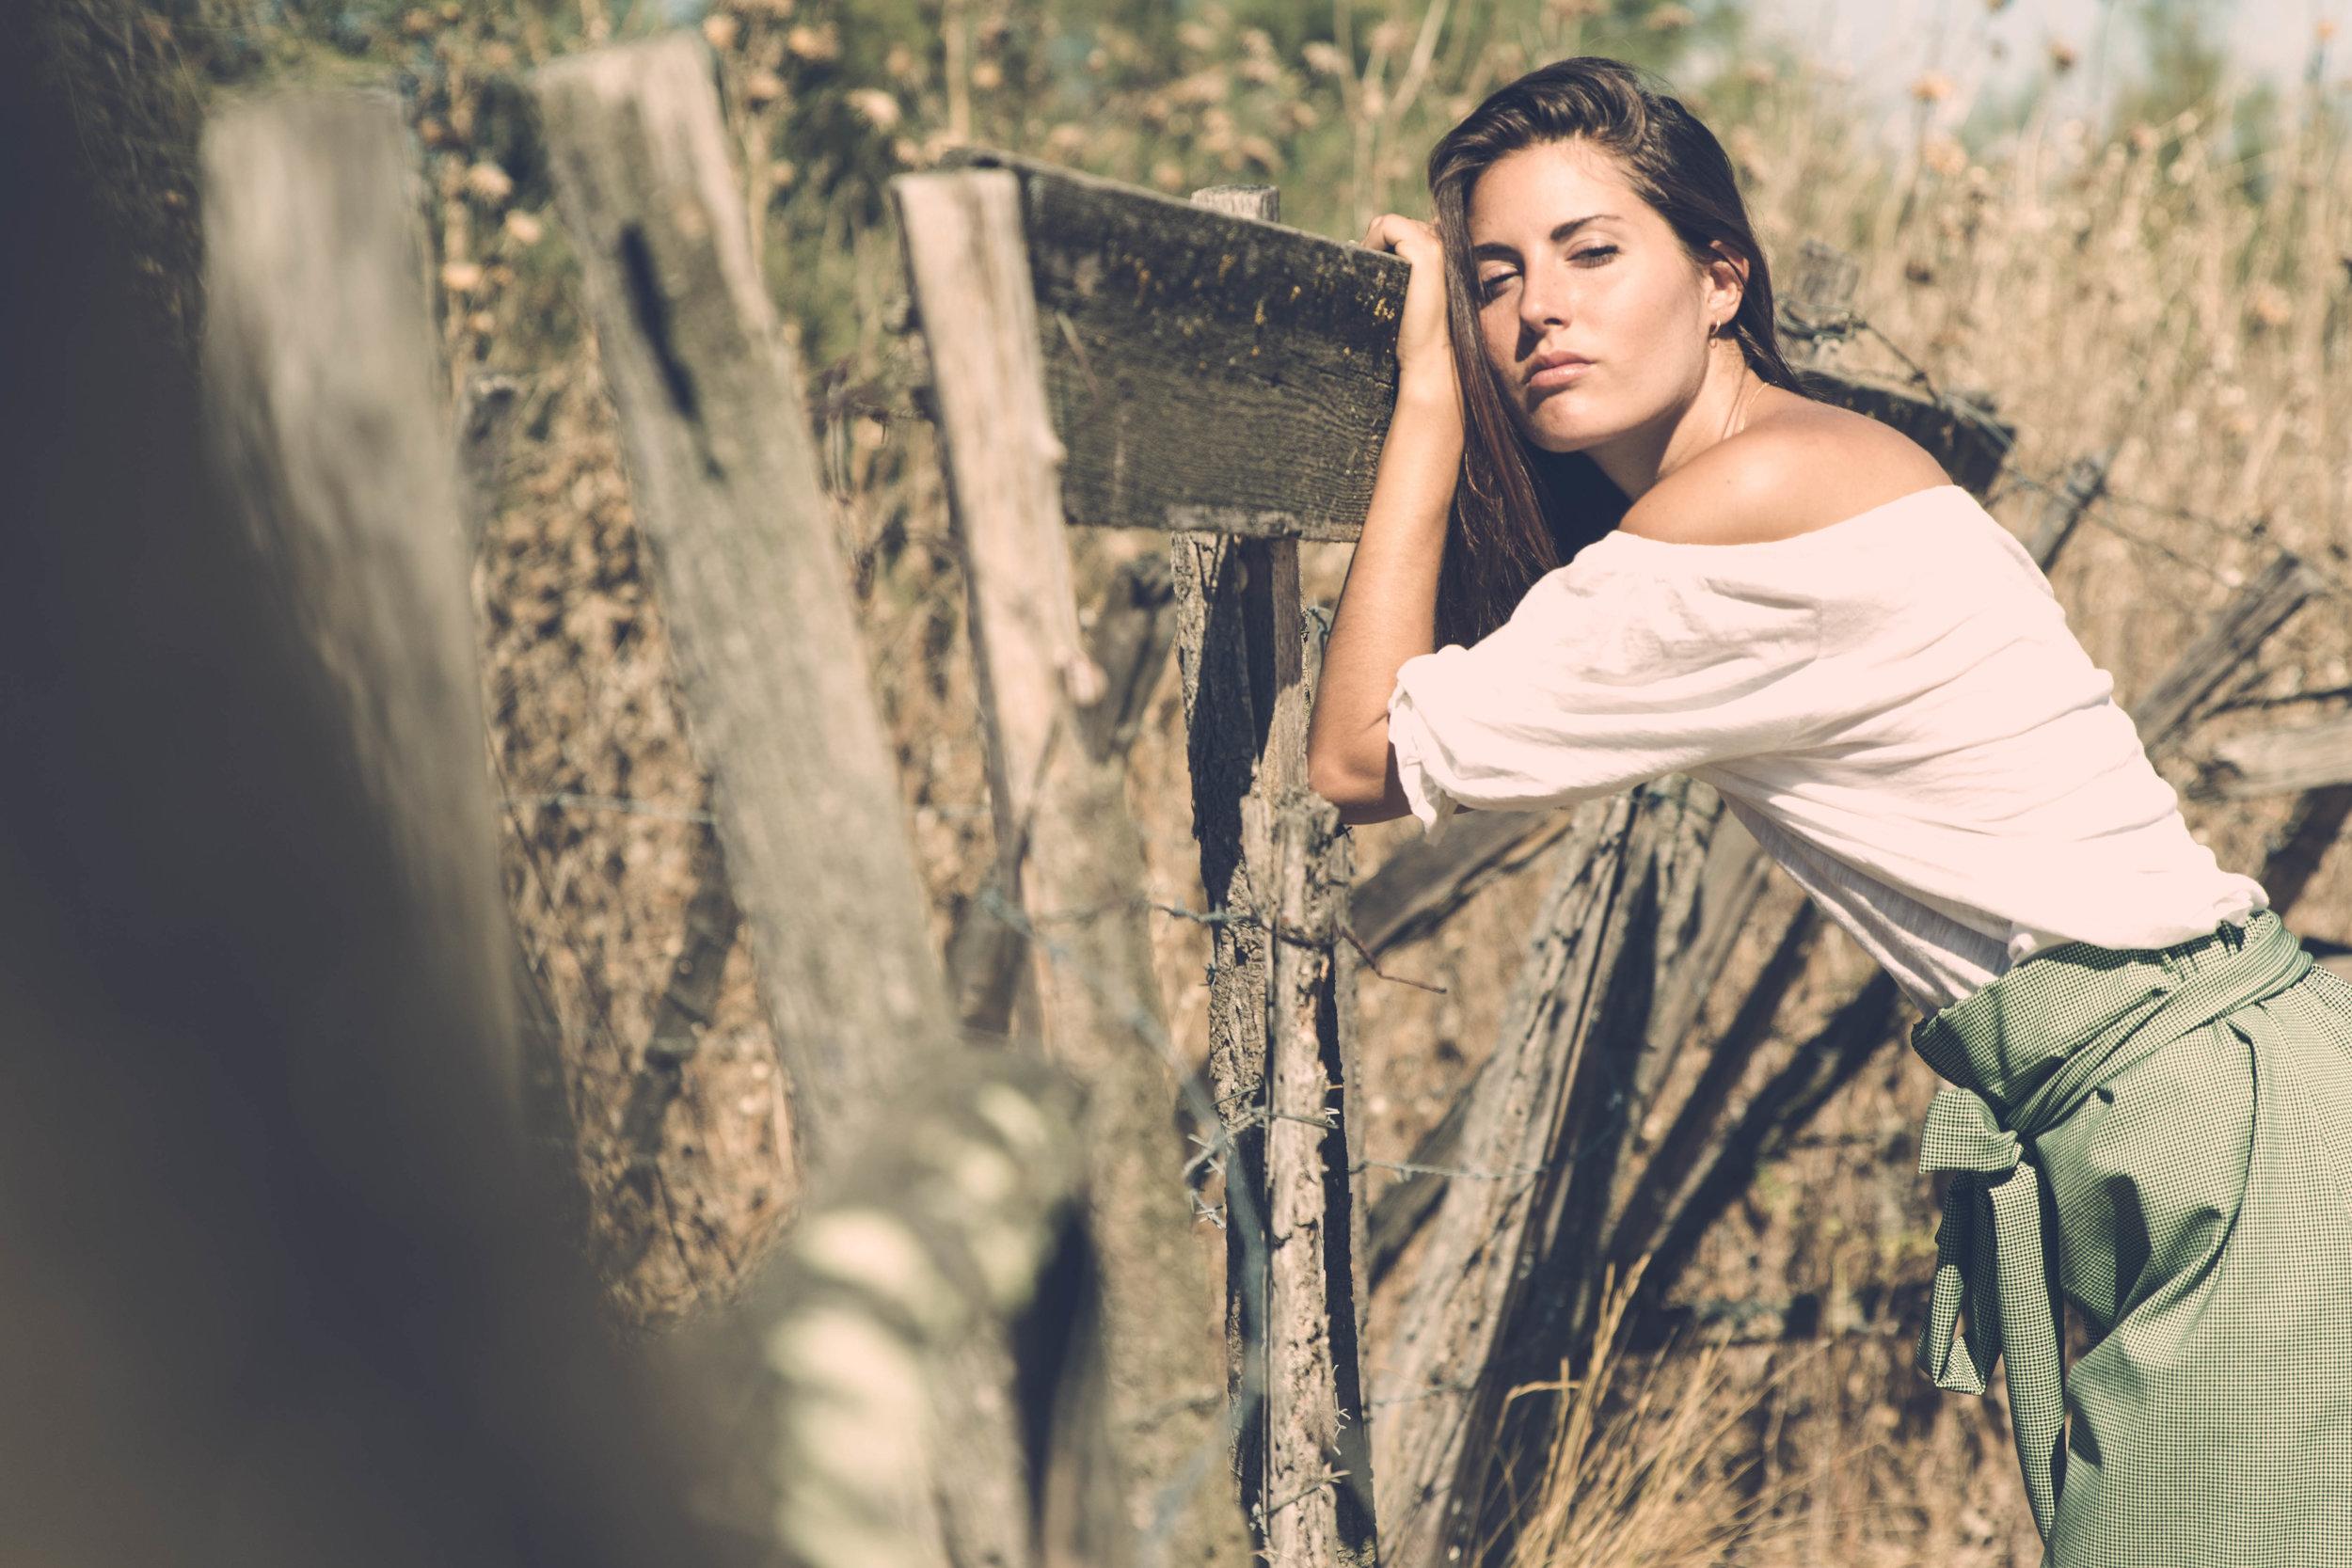 Evangéline - Charlène est une photographe avisée. Elle sait capter l'instant, la lumière, et surtout mettre à l'aise. Je me suis sentie belle avant même de voir les photos